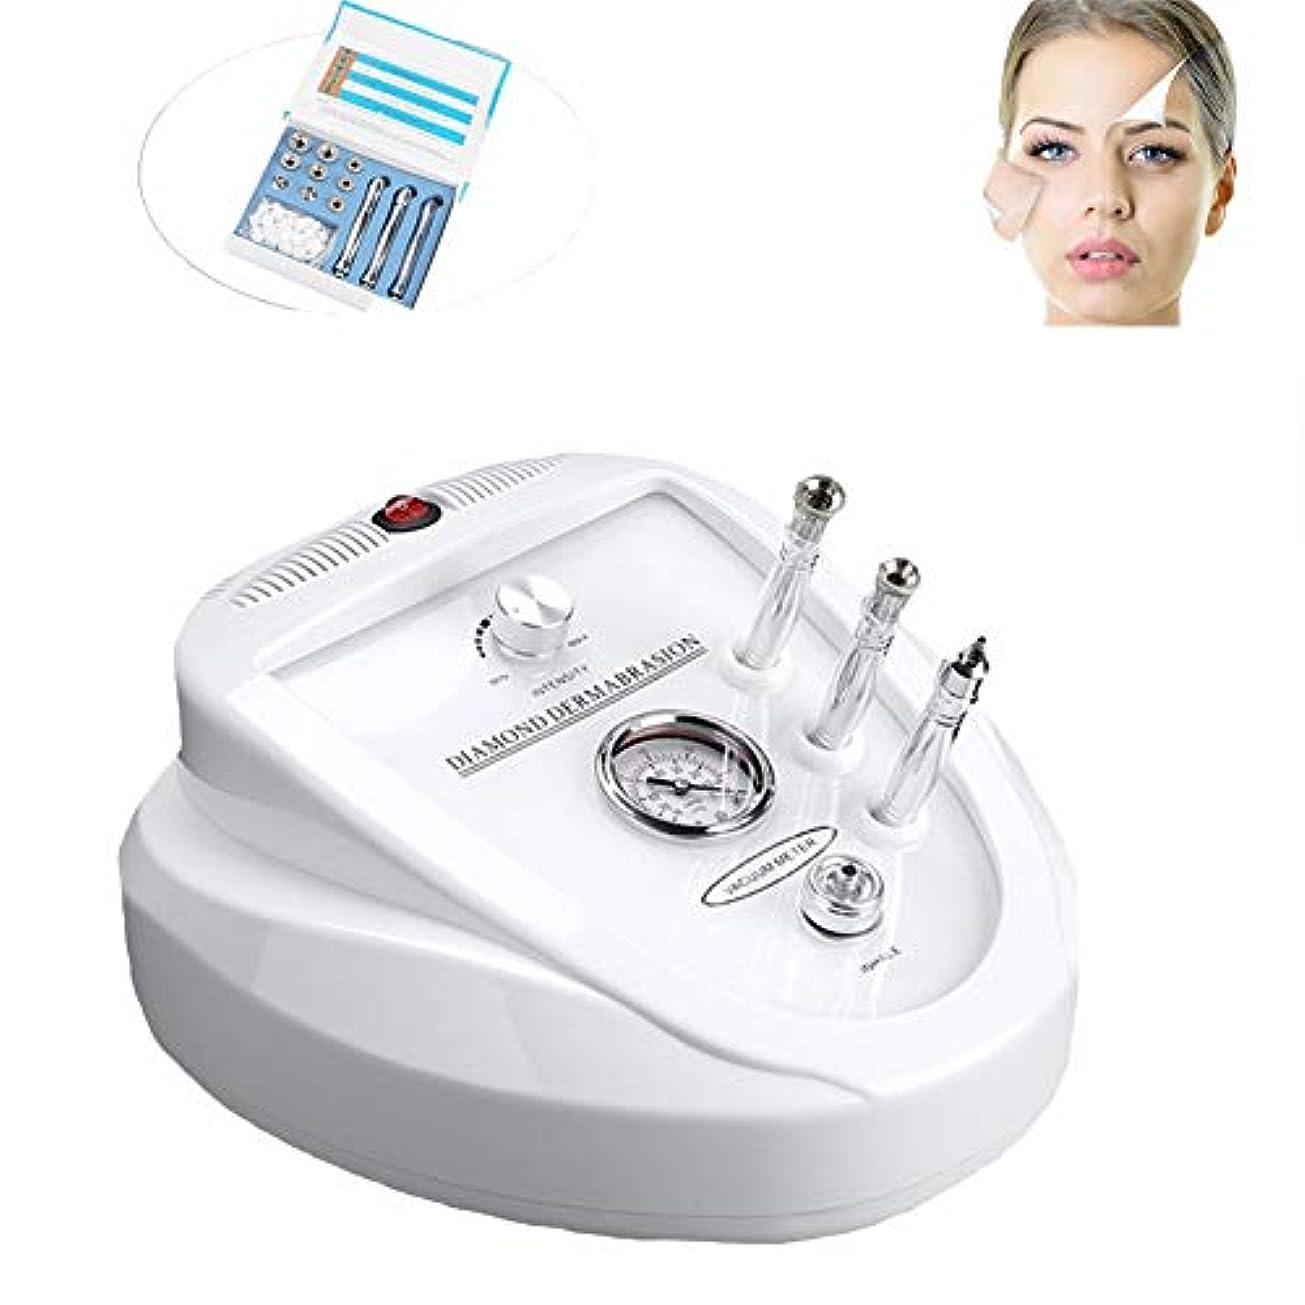 にもかかわらずビデオ水を飲む3-1 - ダイヤモンド皮膚剥離マイクロダーマブレーションマシン剥離皮膚更新機器